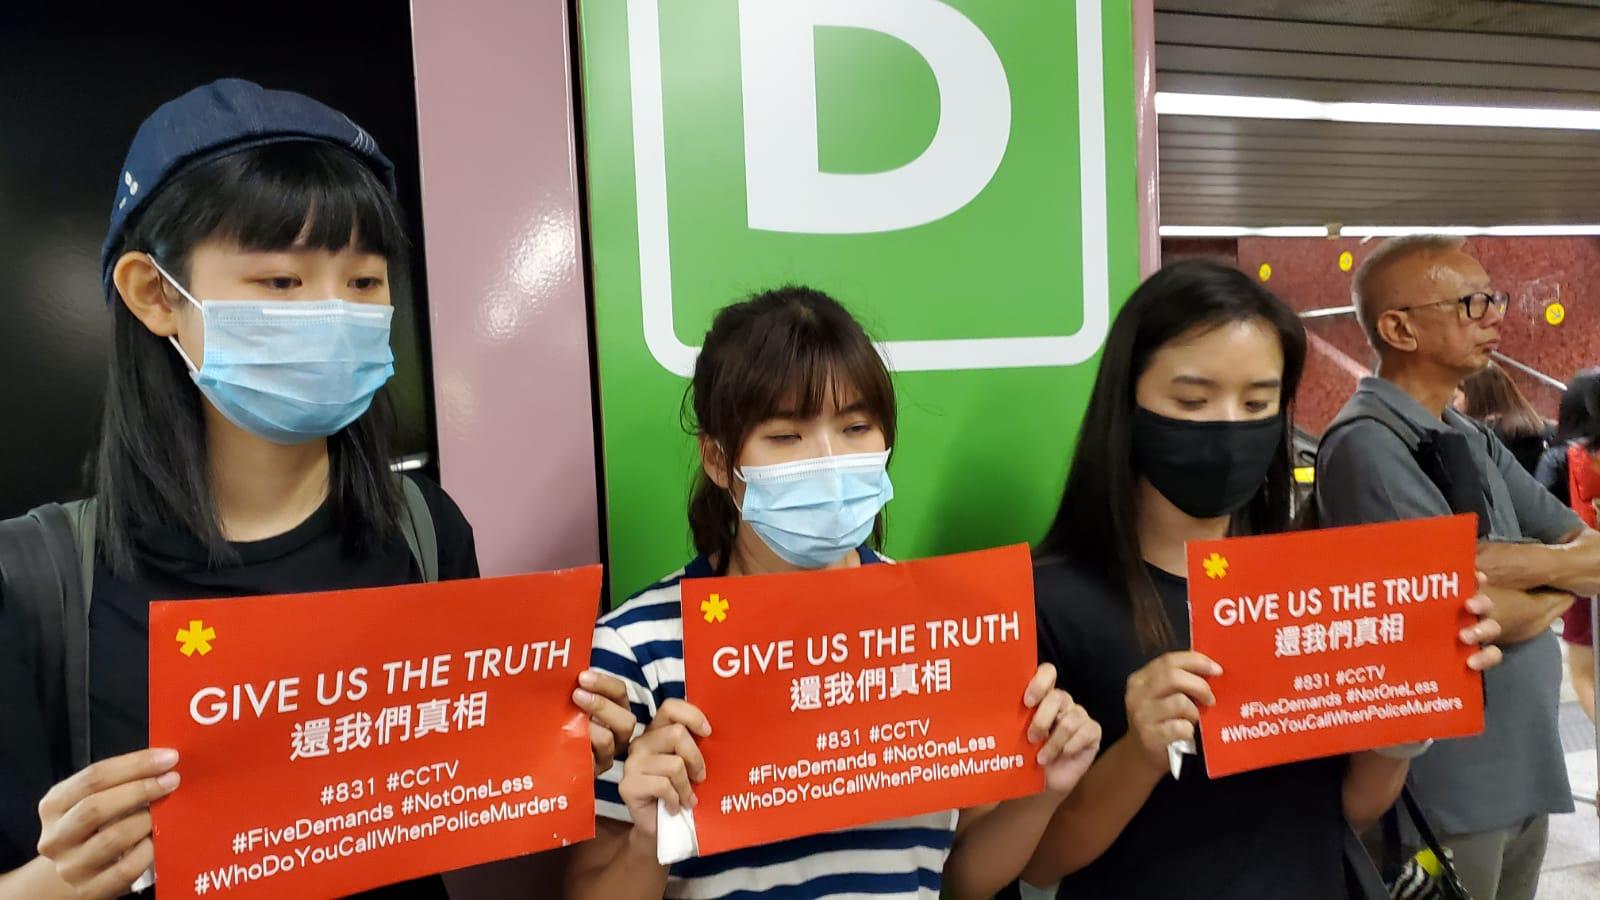 有示威者到太子站舉標語,要求港鐵交出8.31的片段。